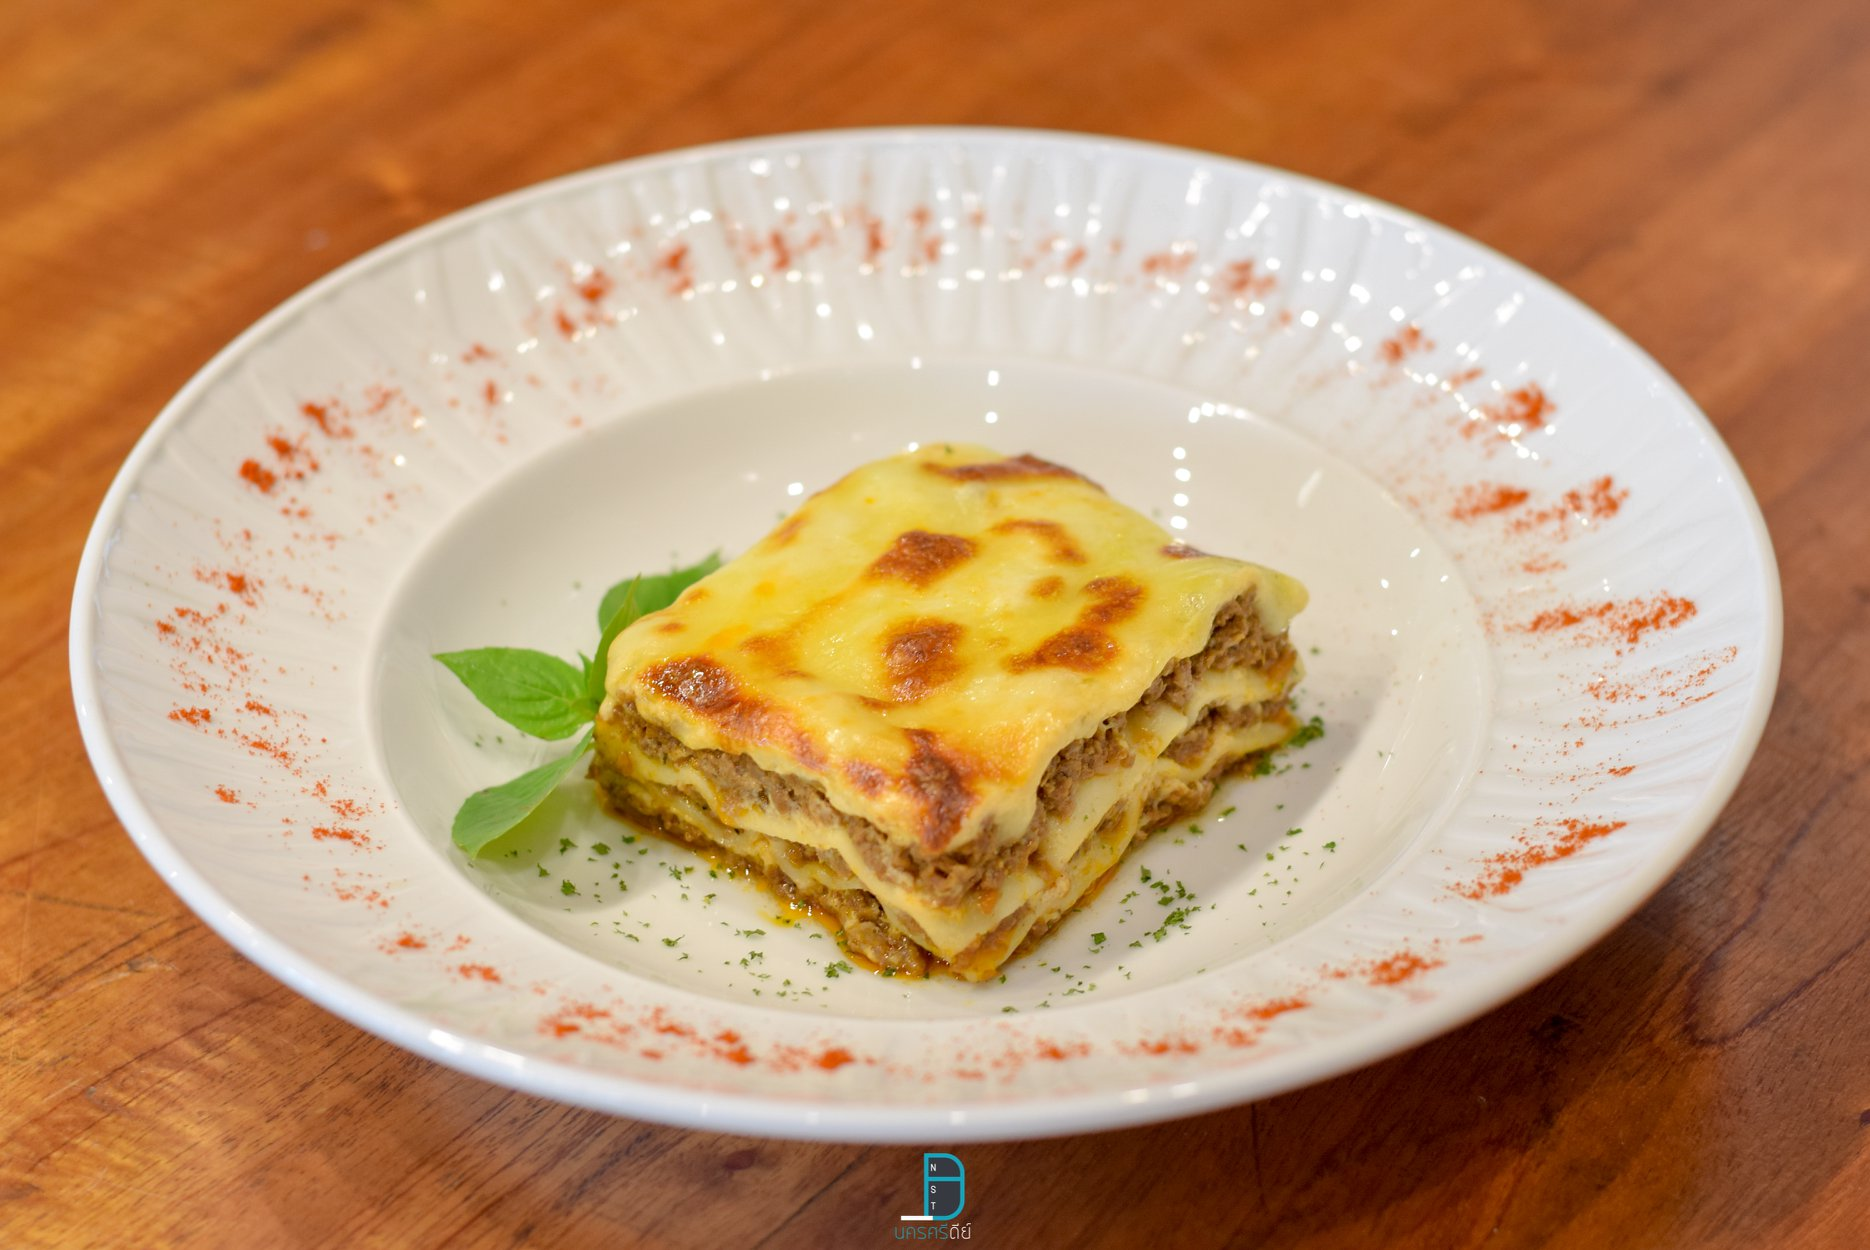 ร้านอาหาร Steak Pasta นครศรีธรรมราช San Shiro เมนูพรีเมี่ยม at เมืองทอง นครศรีดีย์